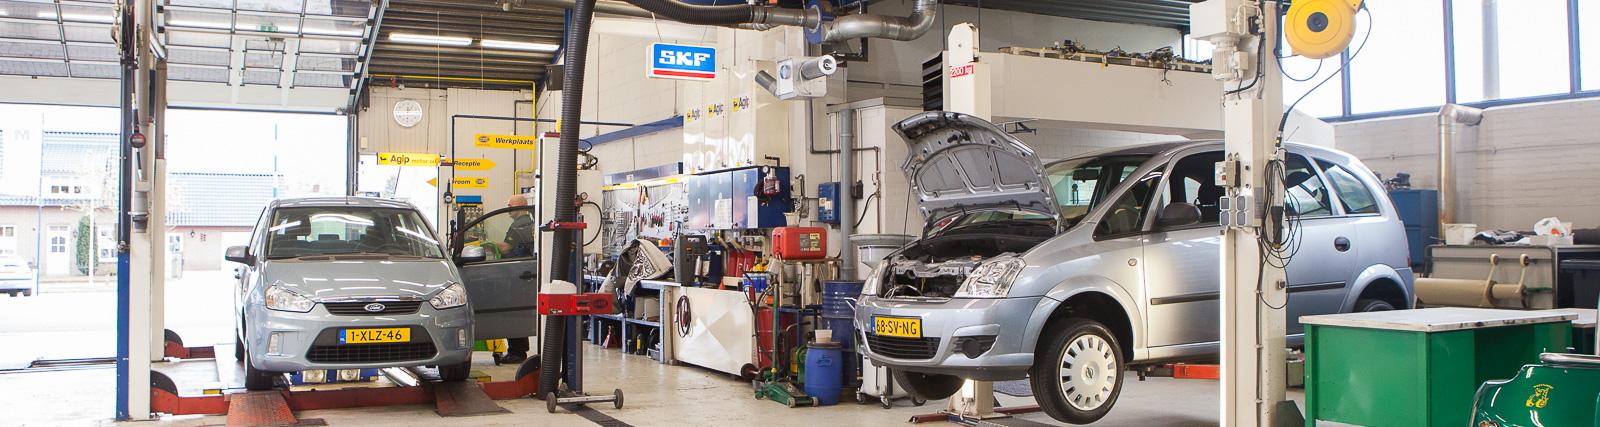 Hella Auto Onderdelen Topkwaliteit Tegen Scherpe Prijzen